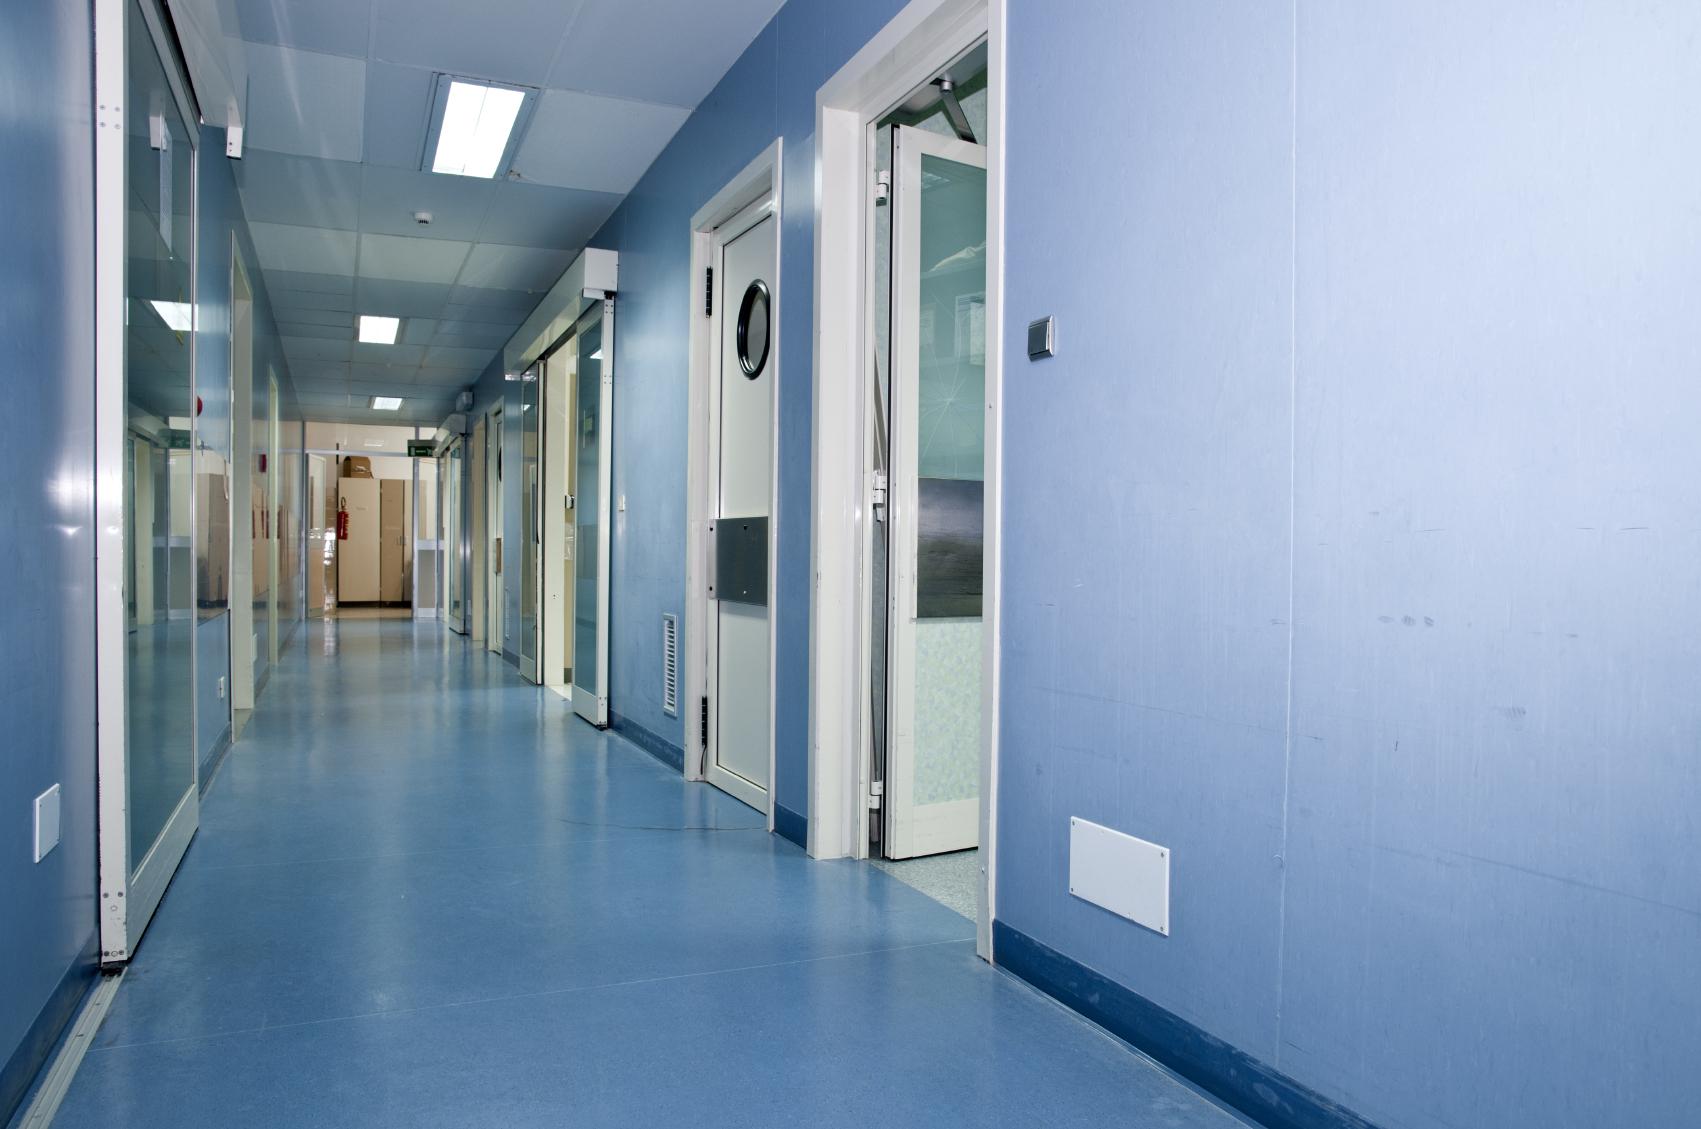 Veneto, presunto batterio killer in ospedale: 6 vittime